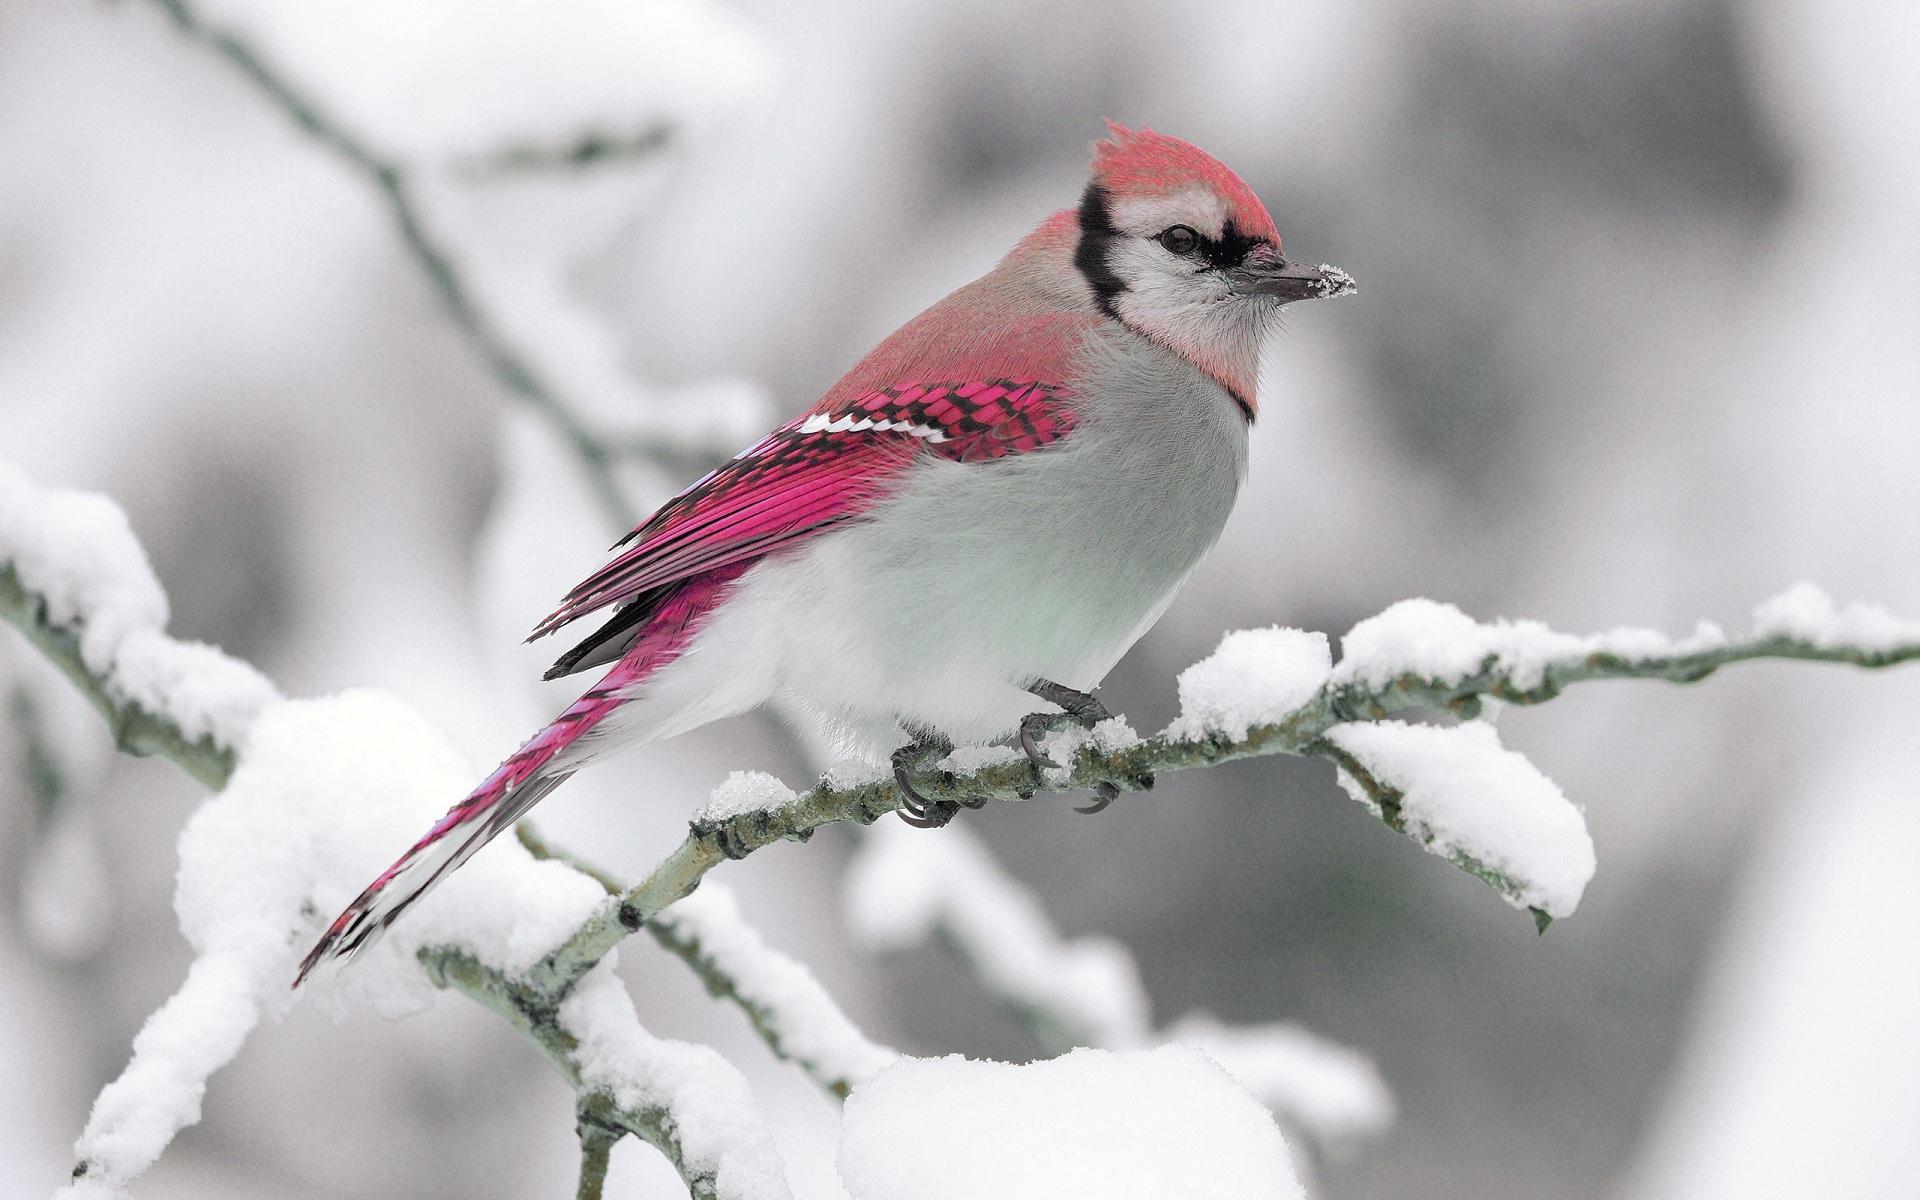 Hình nền chú chim mùa đông đẹp